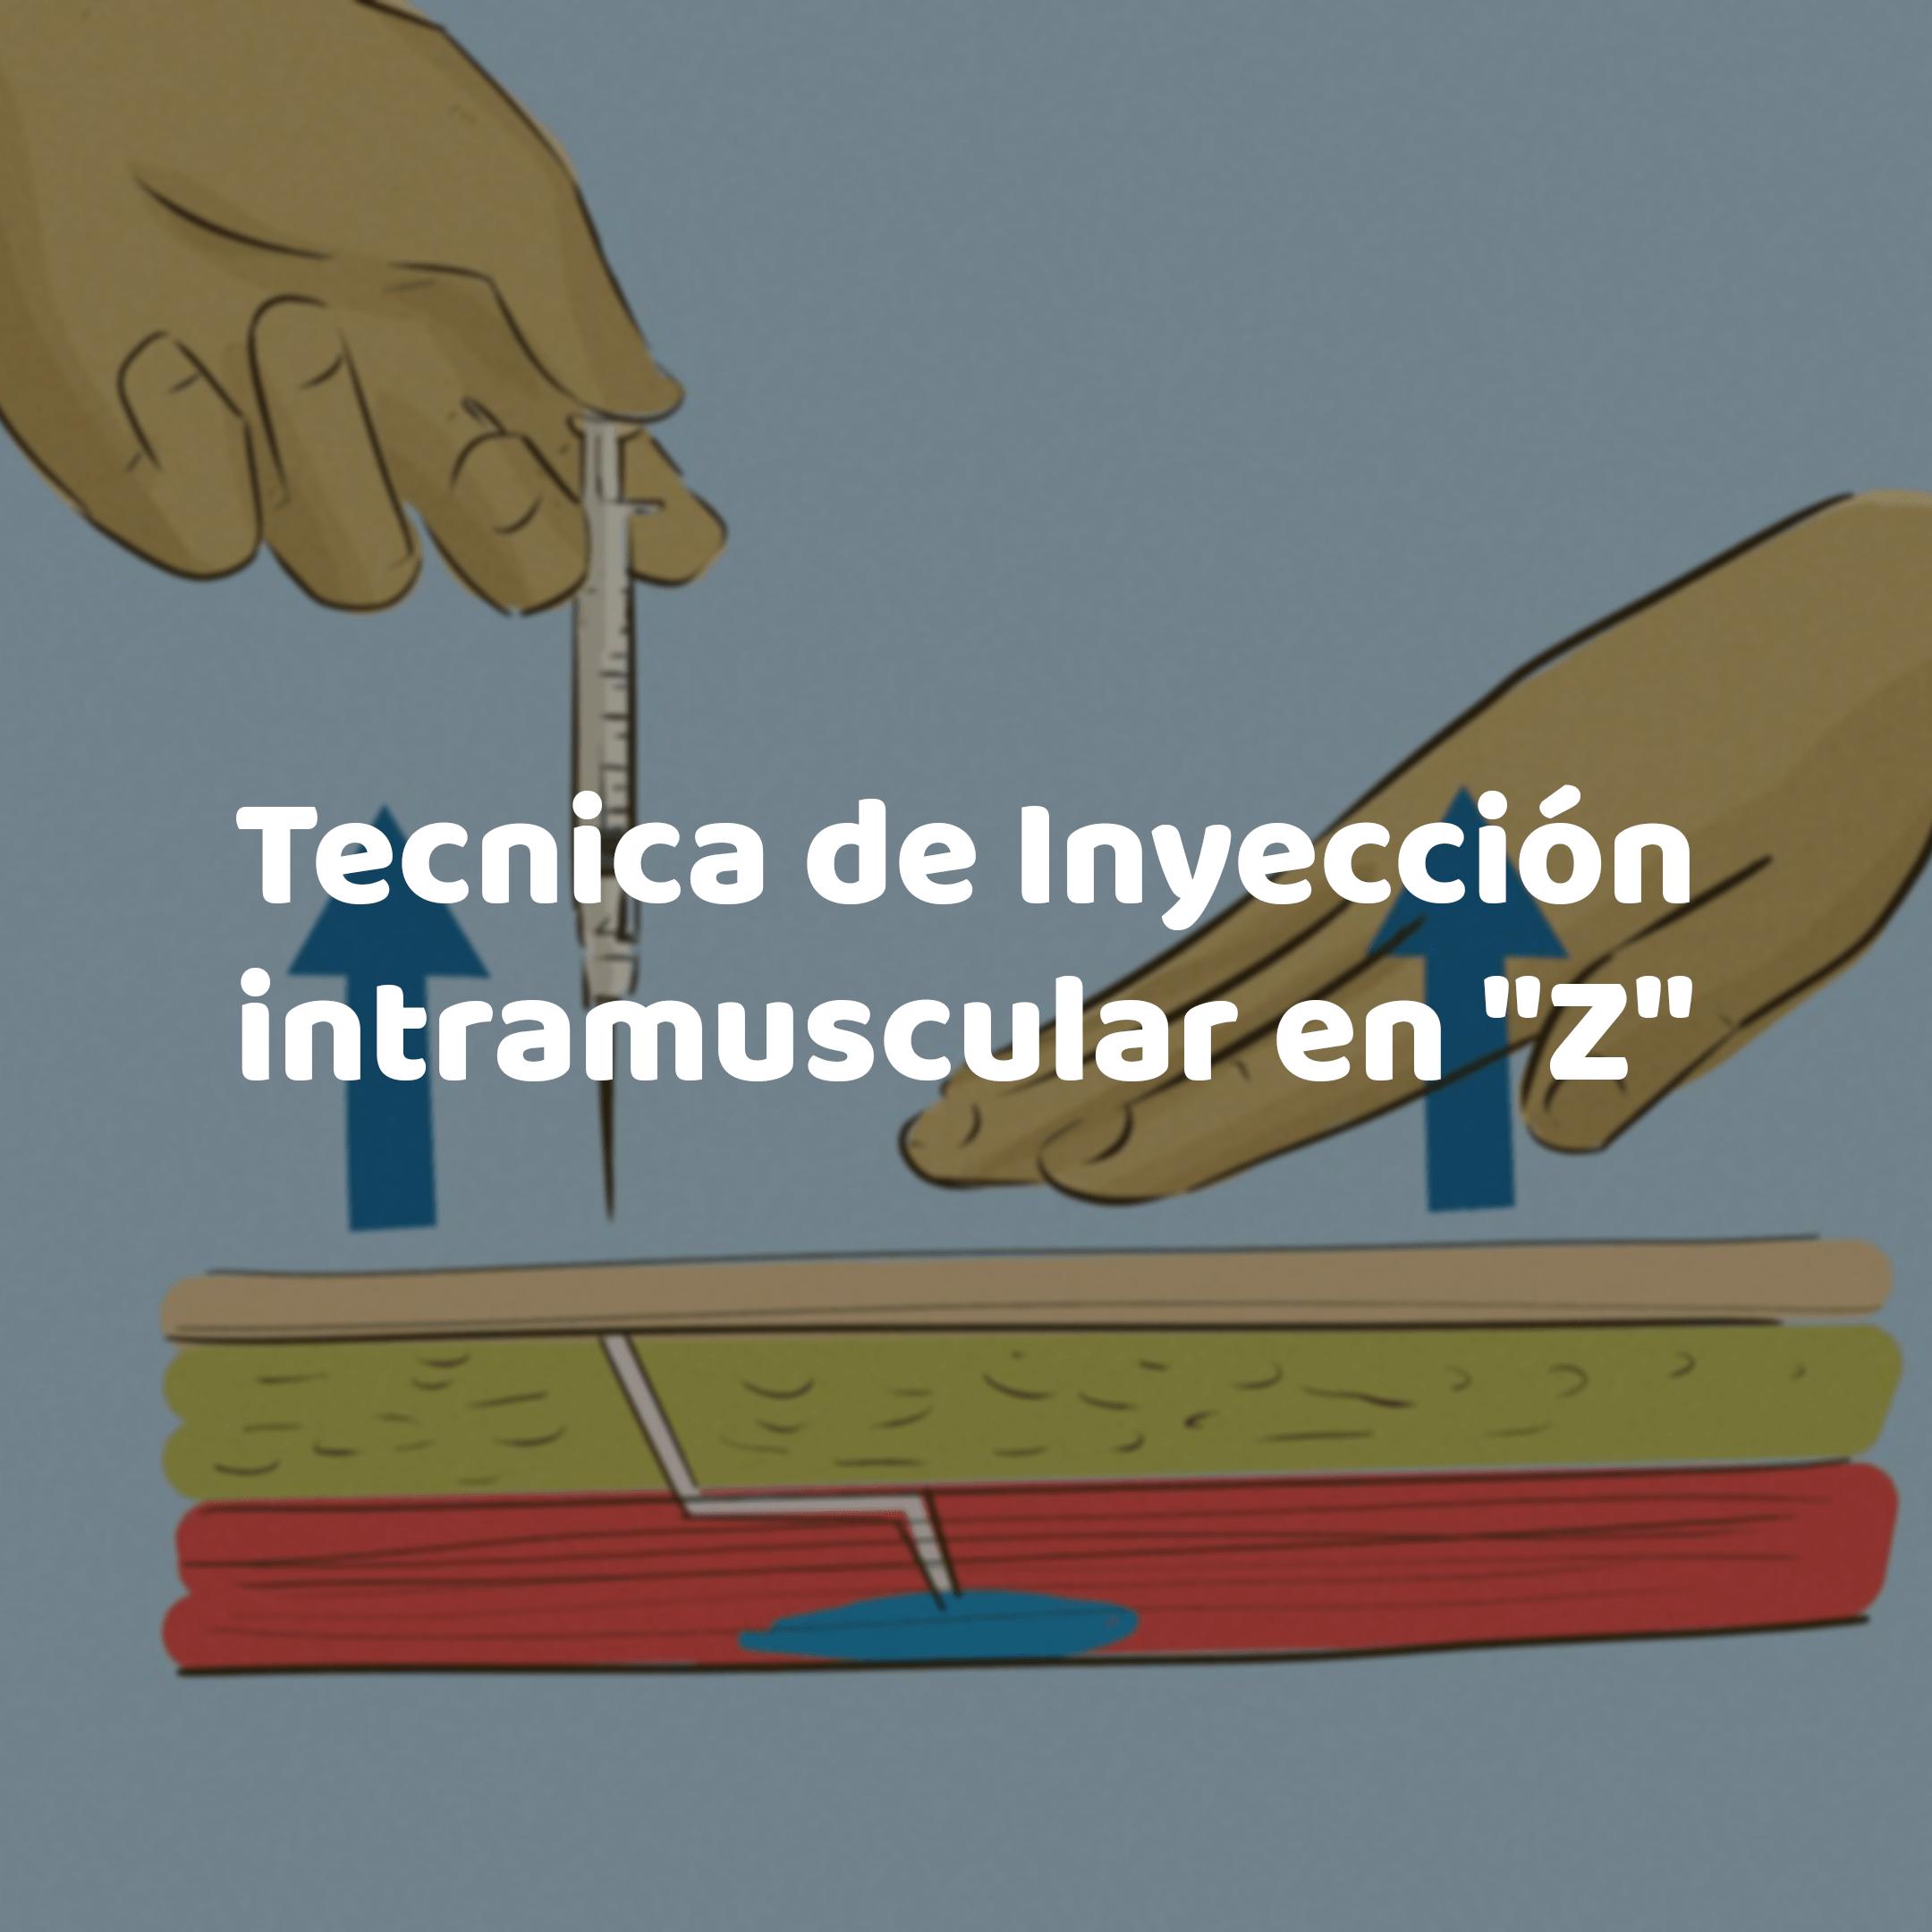 Técnica en Z para inyecciones intramusculares